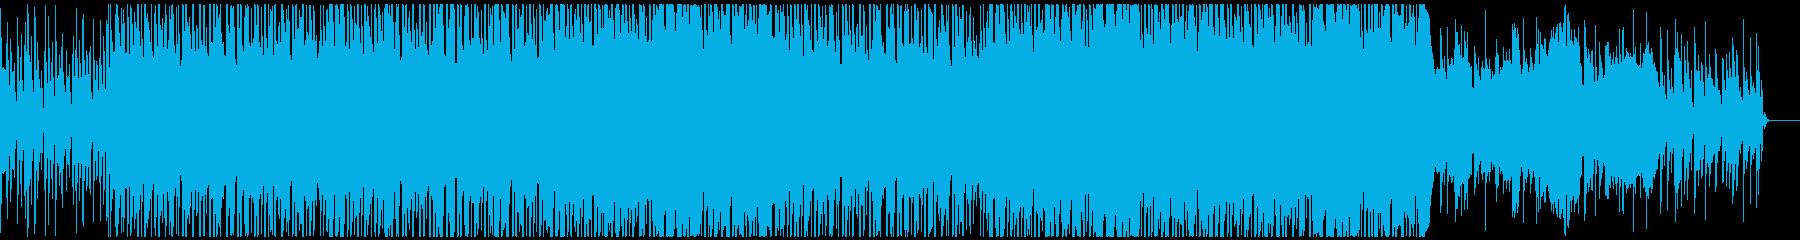 戦闘中のBGMにお使いいただけます。の再生済みの波形